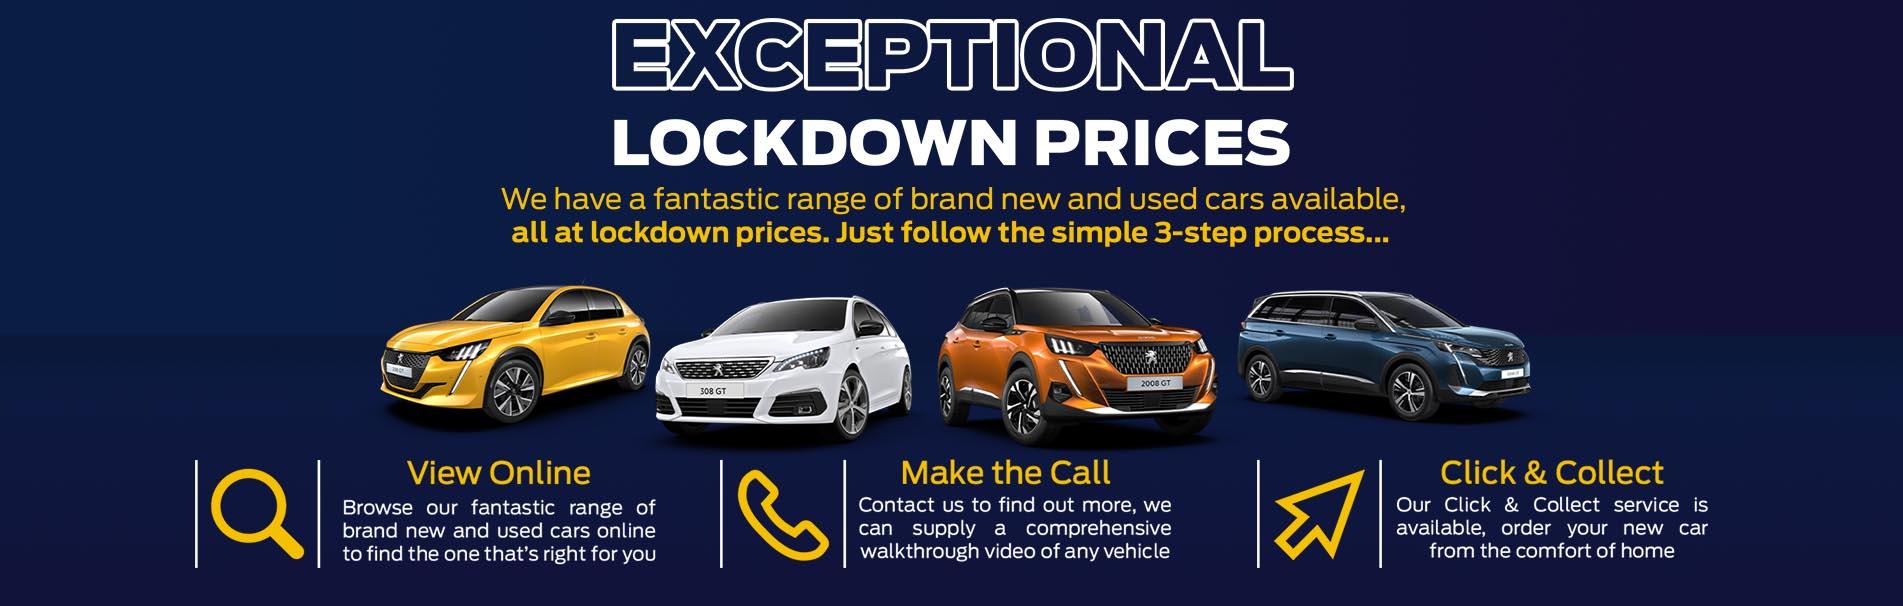 aldershot-peugeot-offer-exceptional-lockdown-prices-on-cars-sli